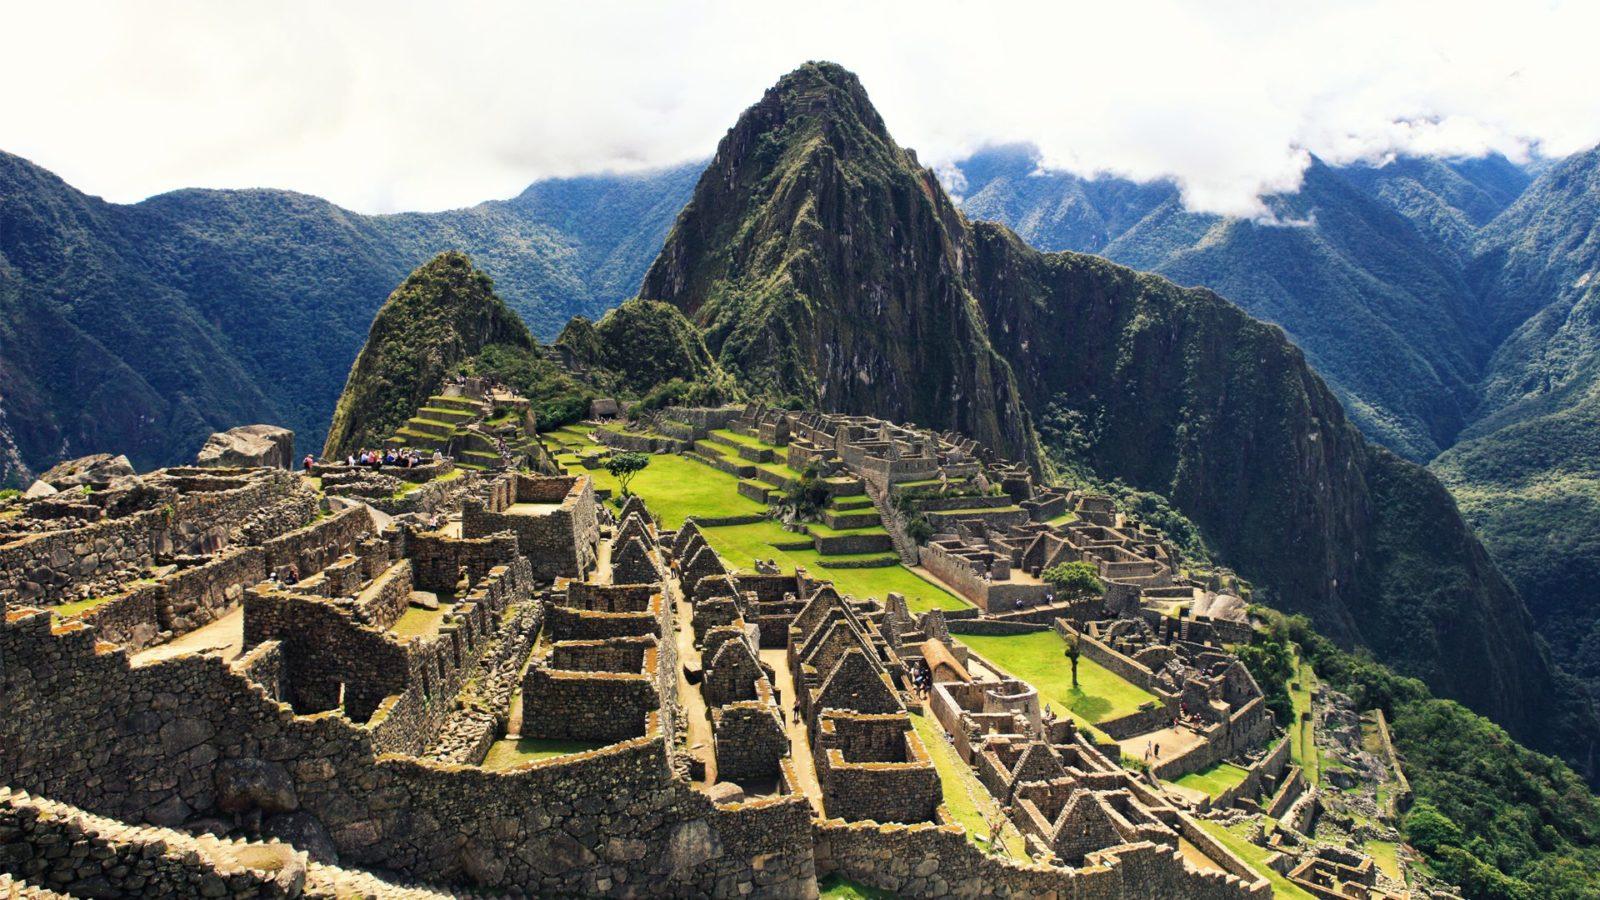 VIAJEROS - PERÚ: CUZCO, VALLE SAGRADO INCAS Y LIMA